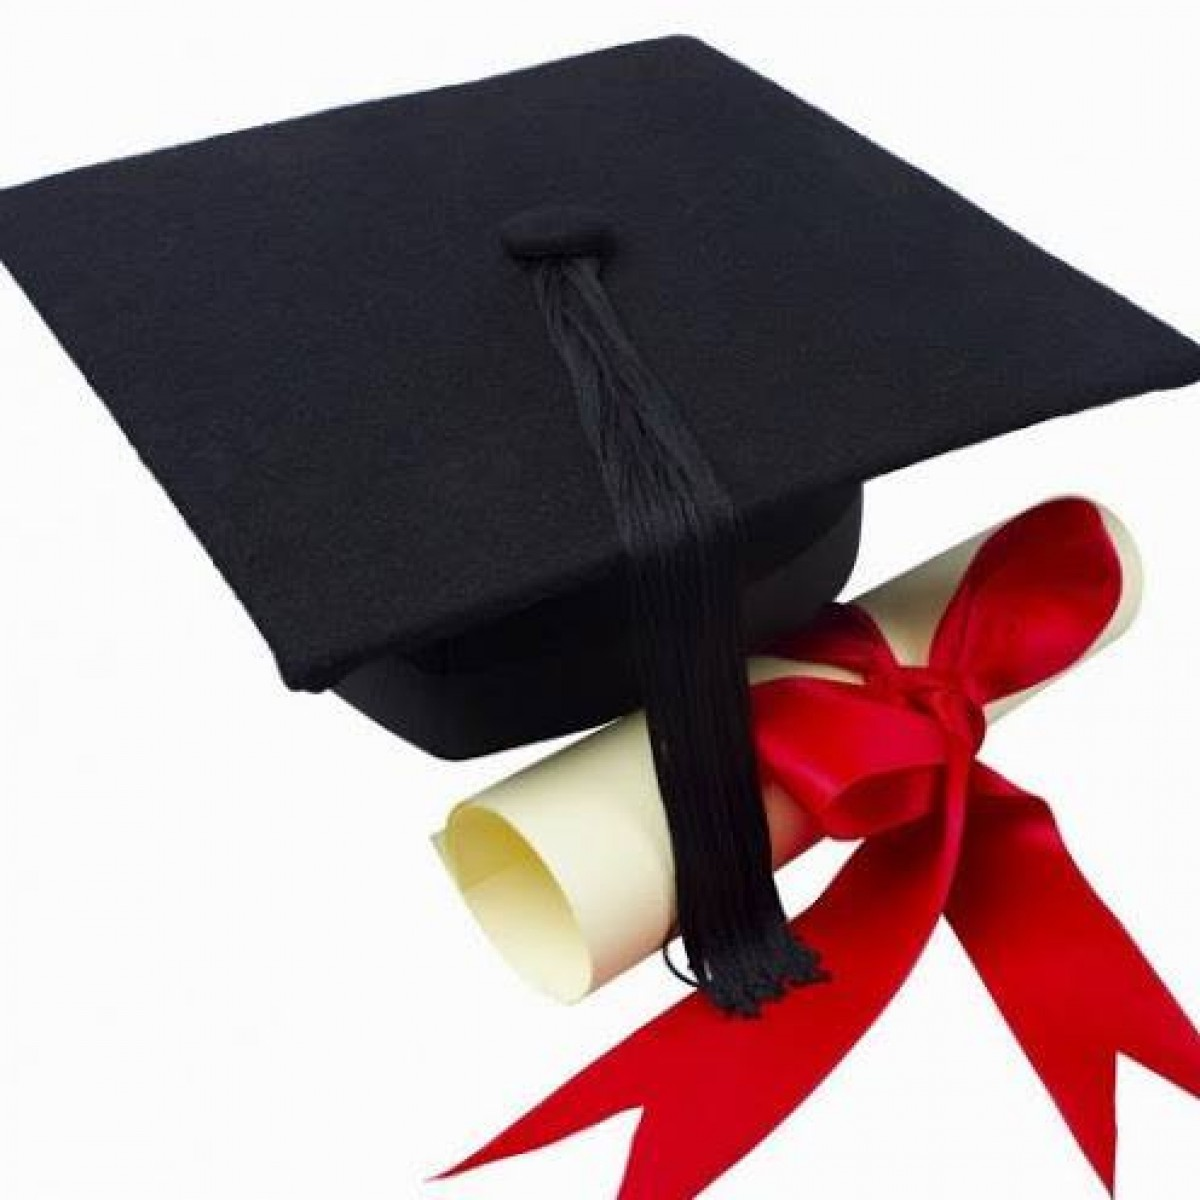 Lịch thi thạc sĩ Quản trị kinh doanh ĐH Ngoại ngữ Tin học TPHCM